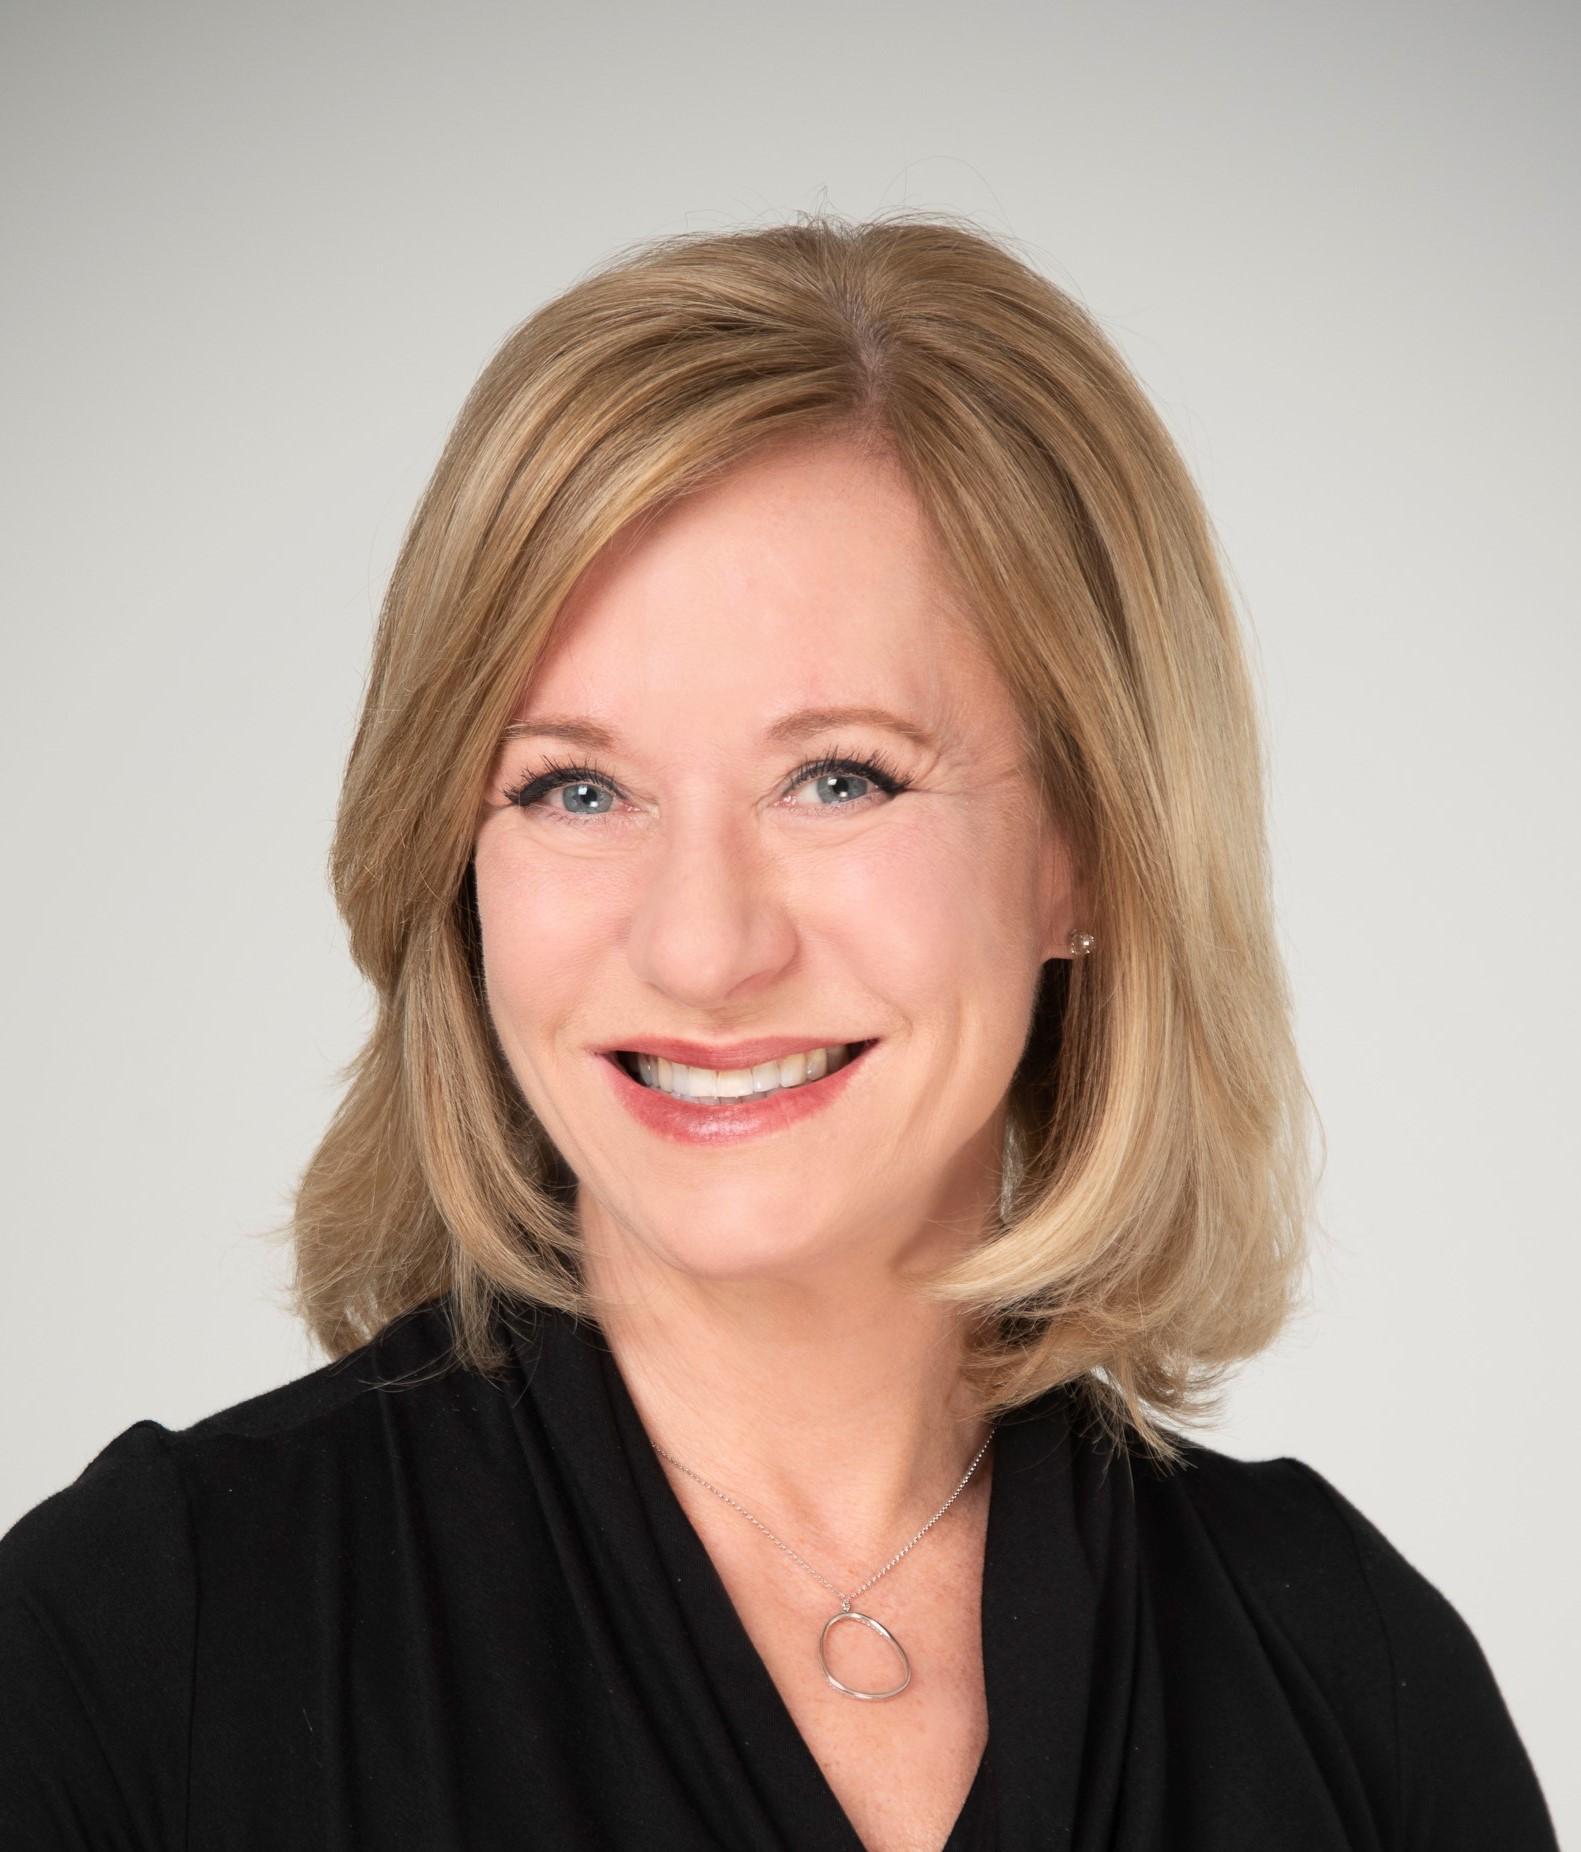 Kathy Moniello